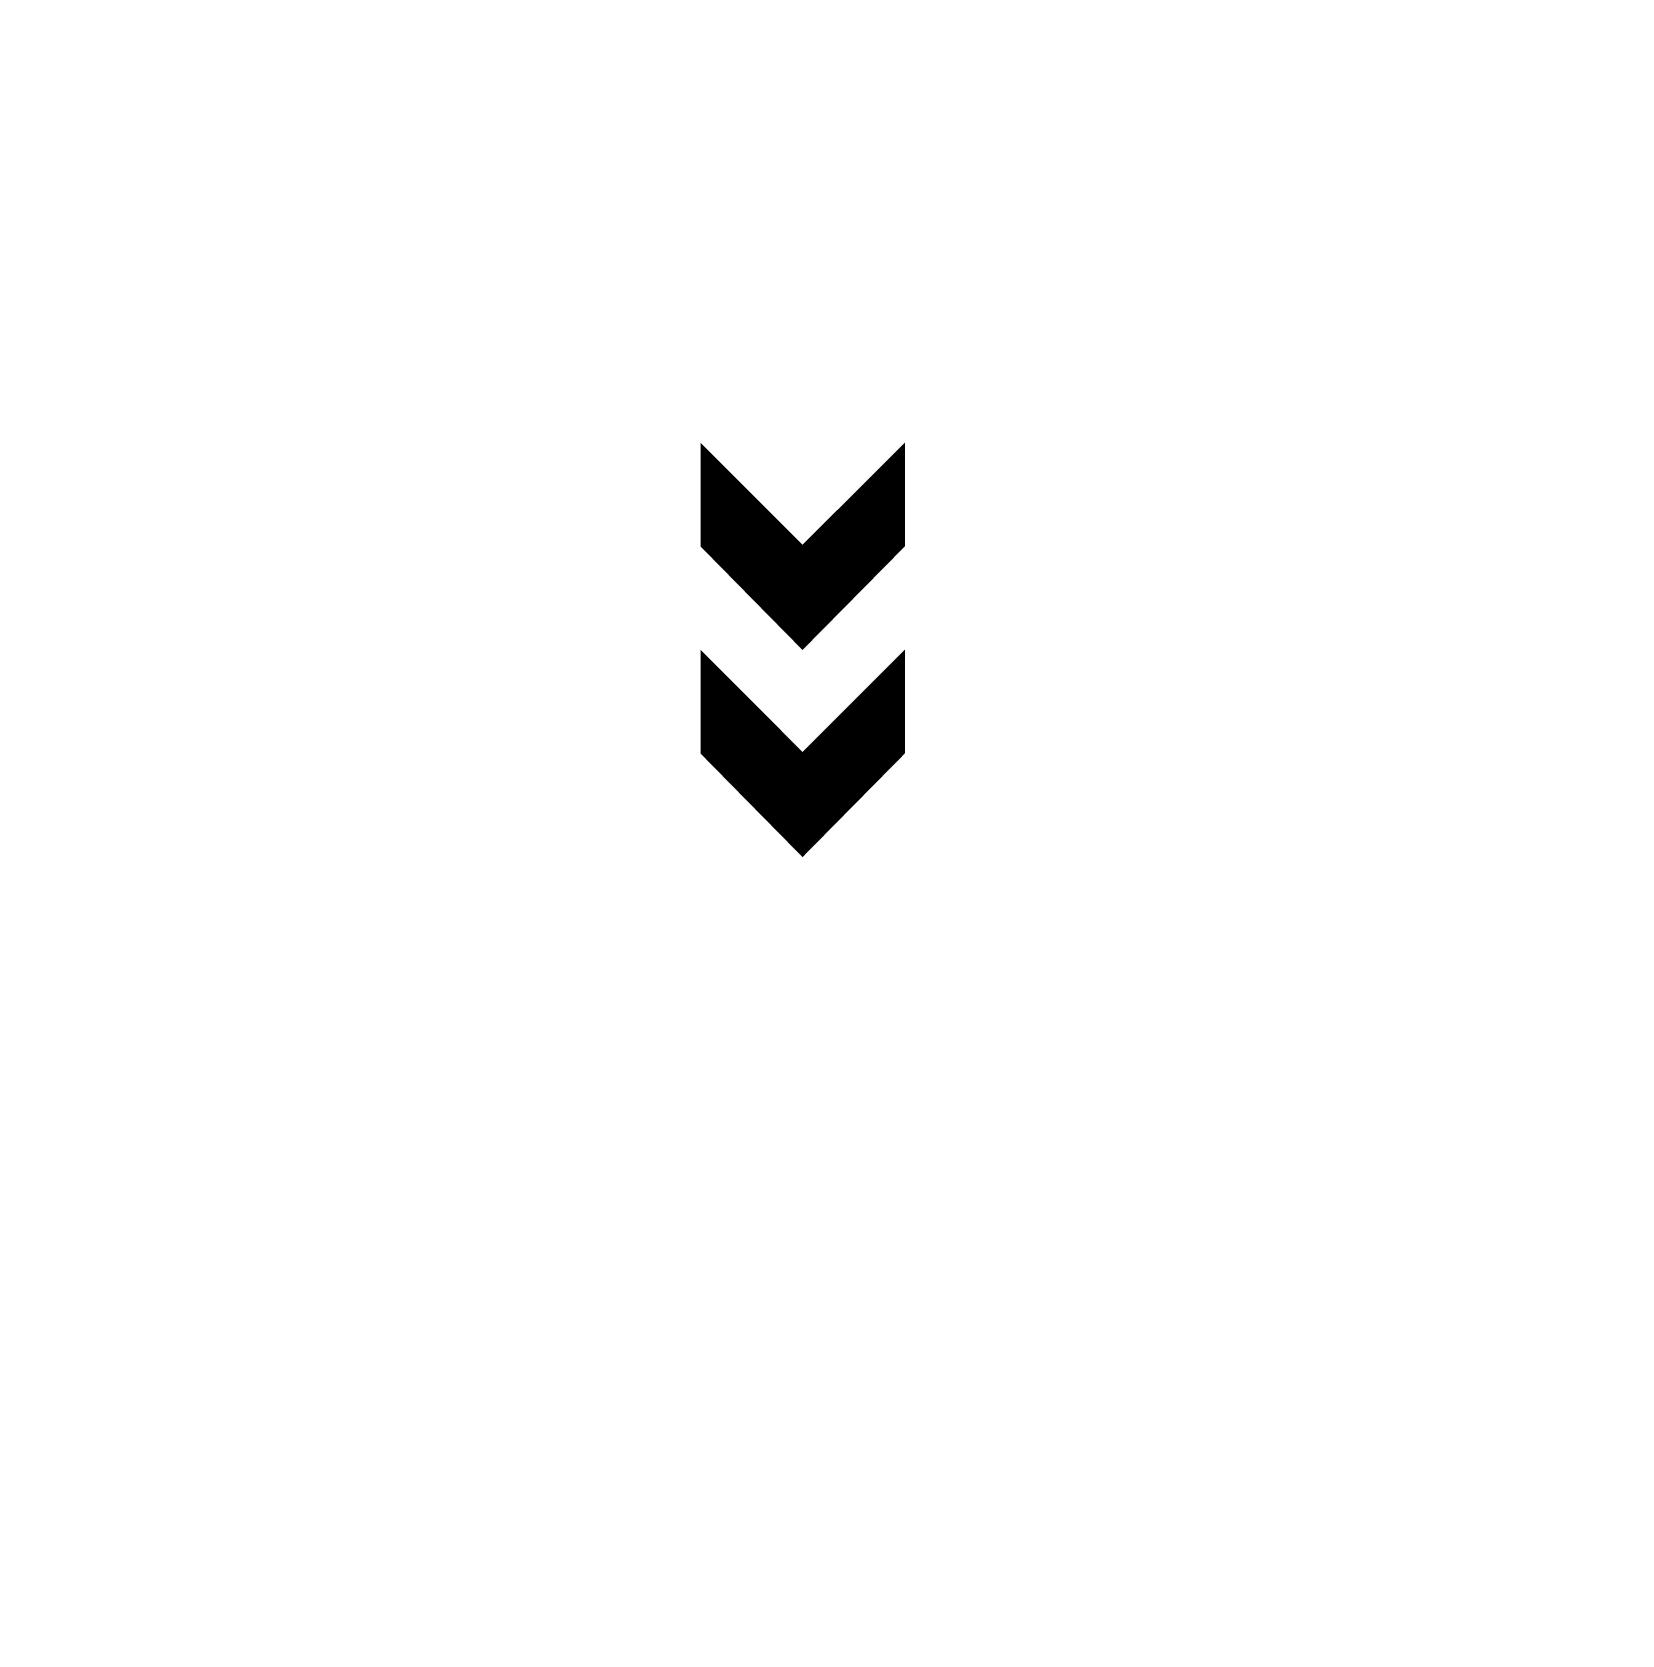 hummelsport.nl